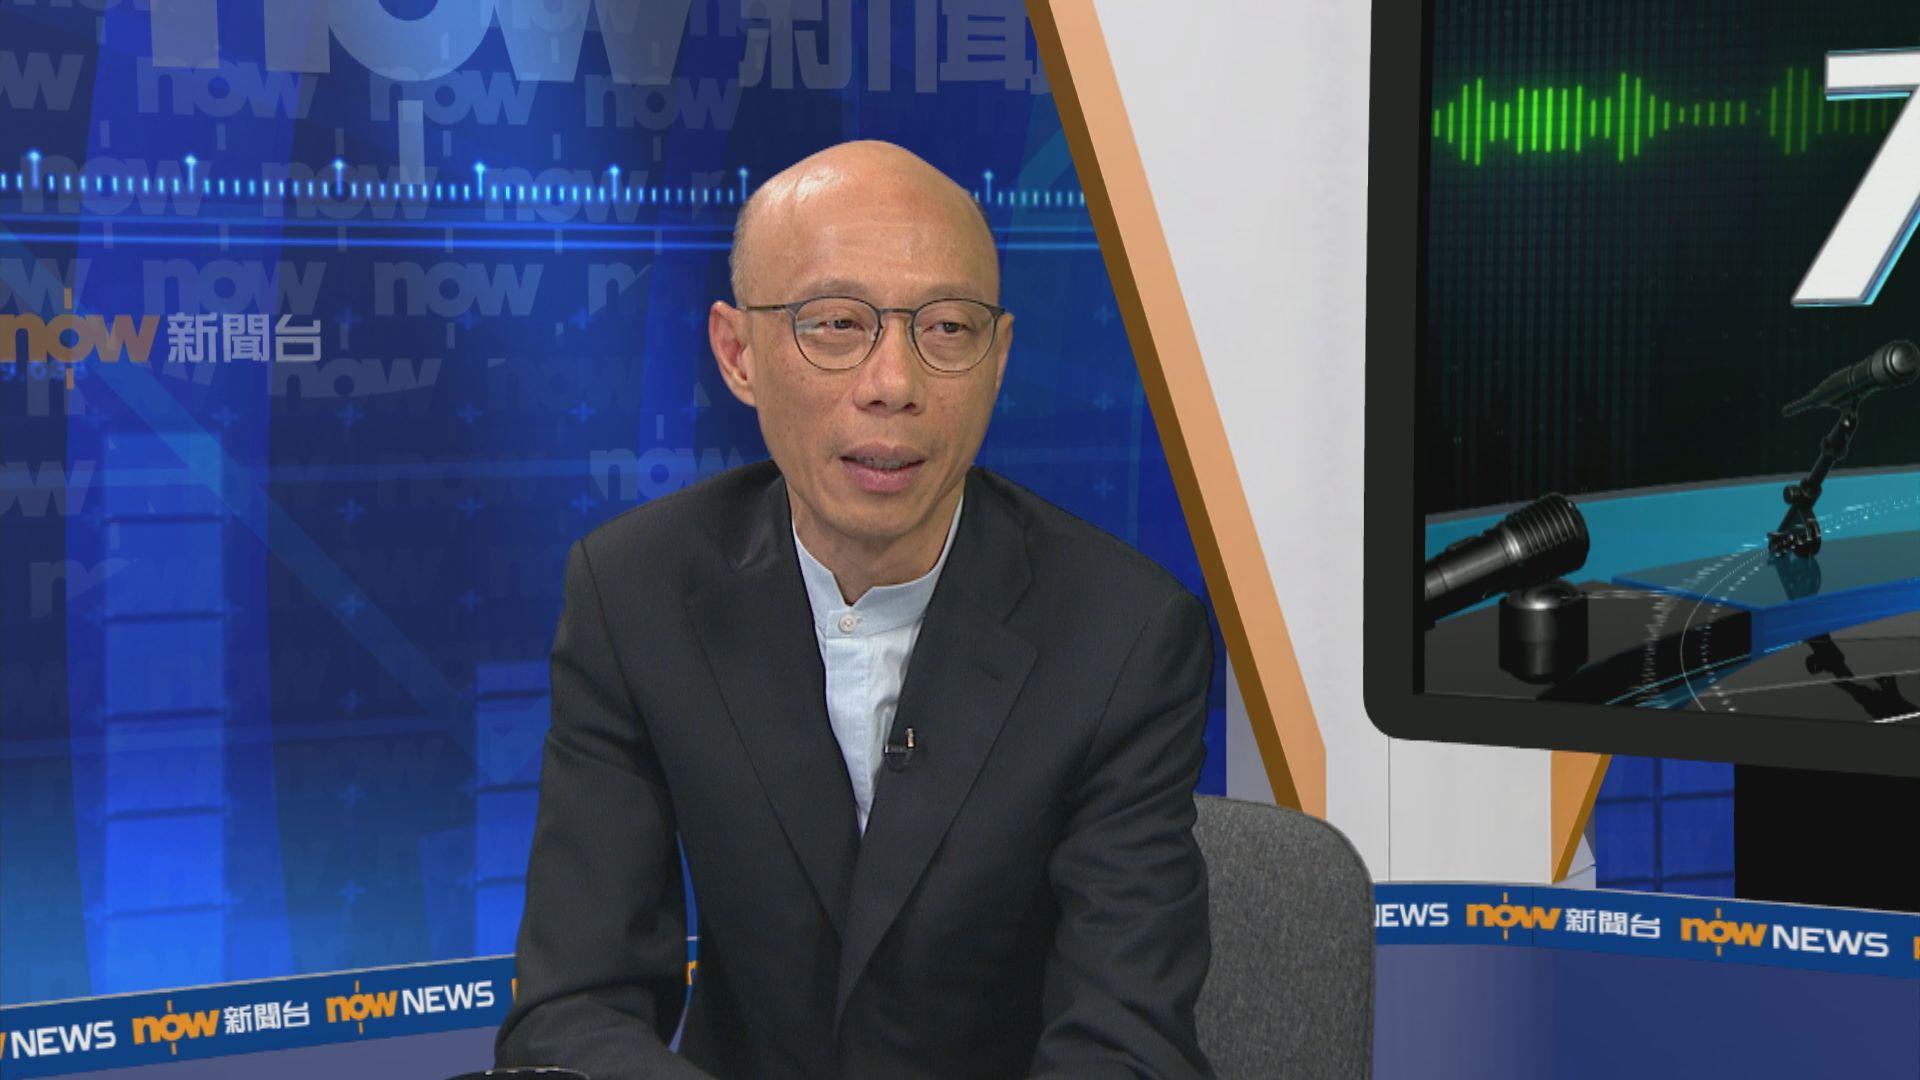 黃錦星:香港有條件禁售傳統燃油車